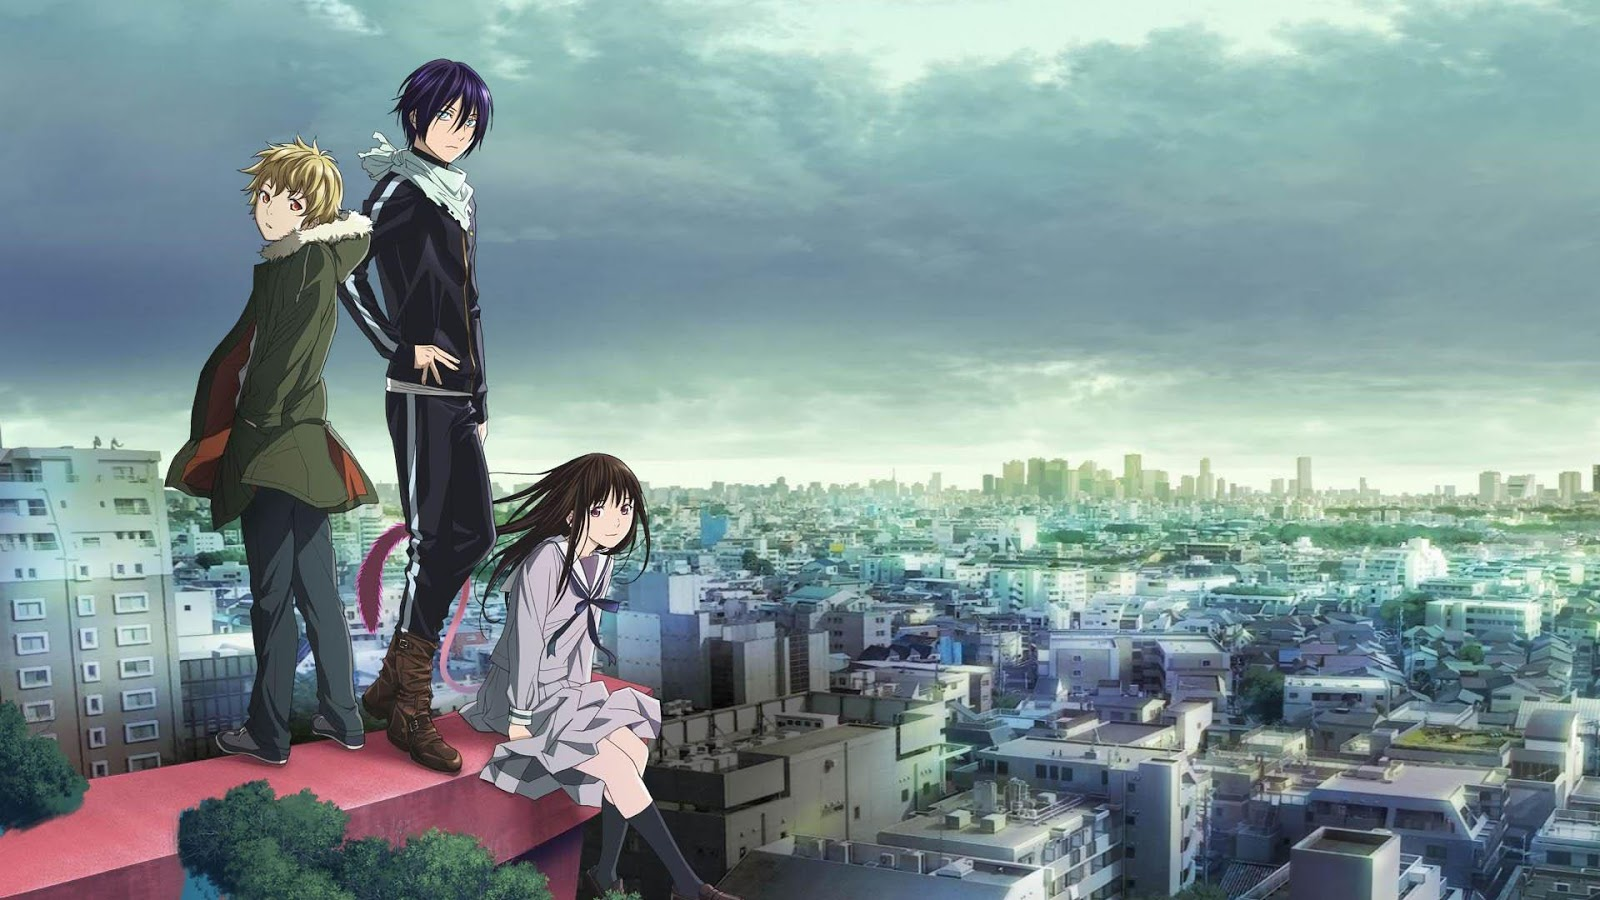 20 Rekomendasi Anime Adventure Terbaik Yang Dijamin Seru